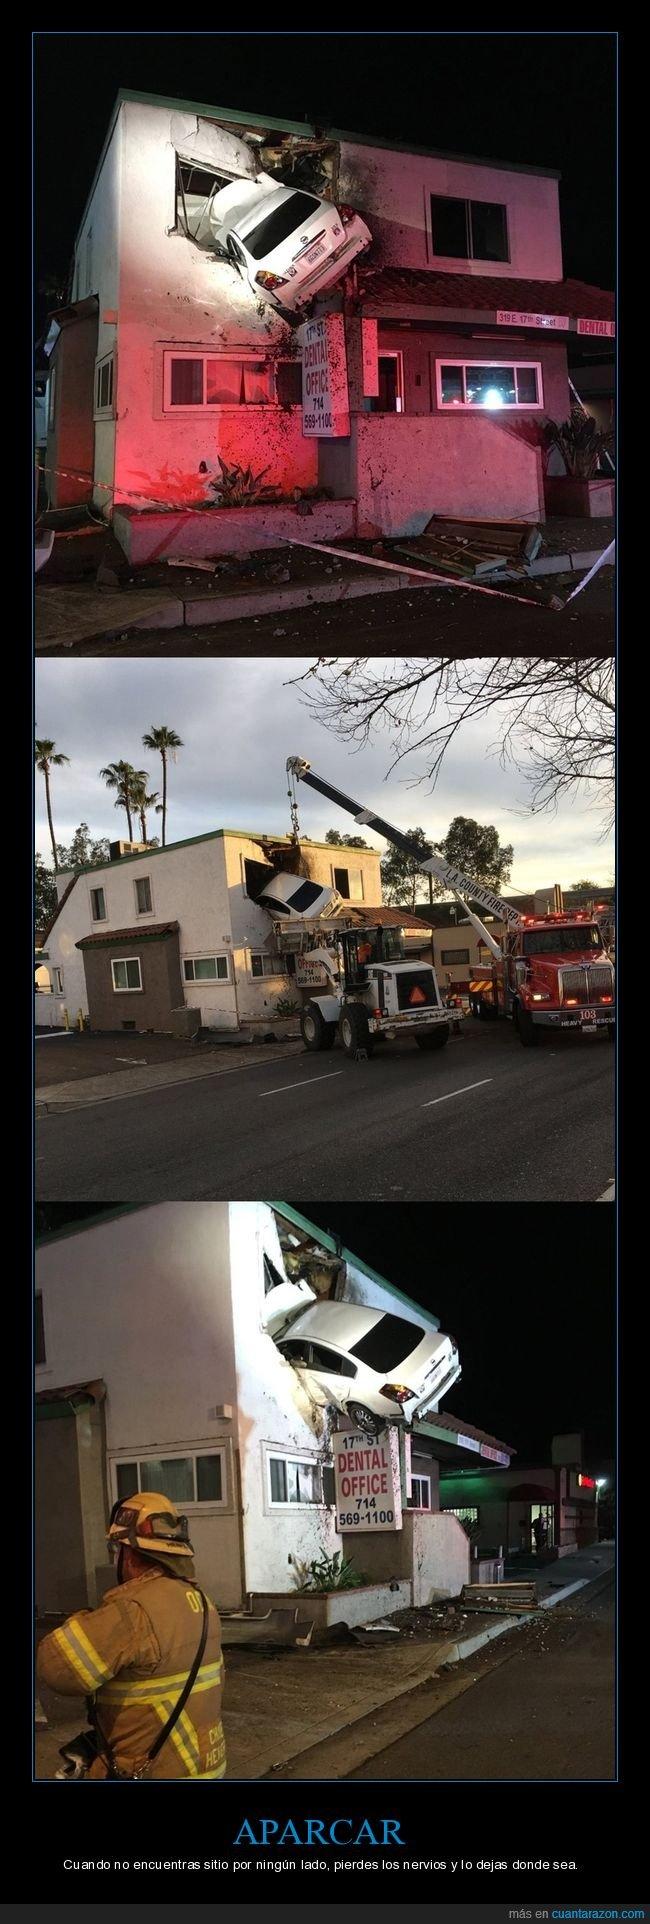 accidente,coche,edificio,empotrado,wtf